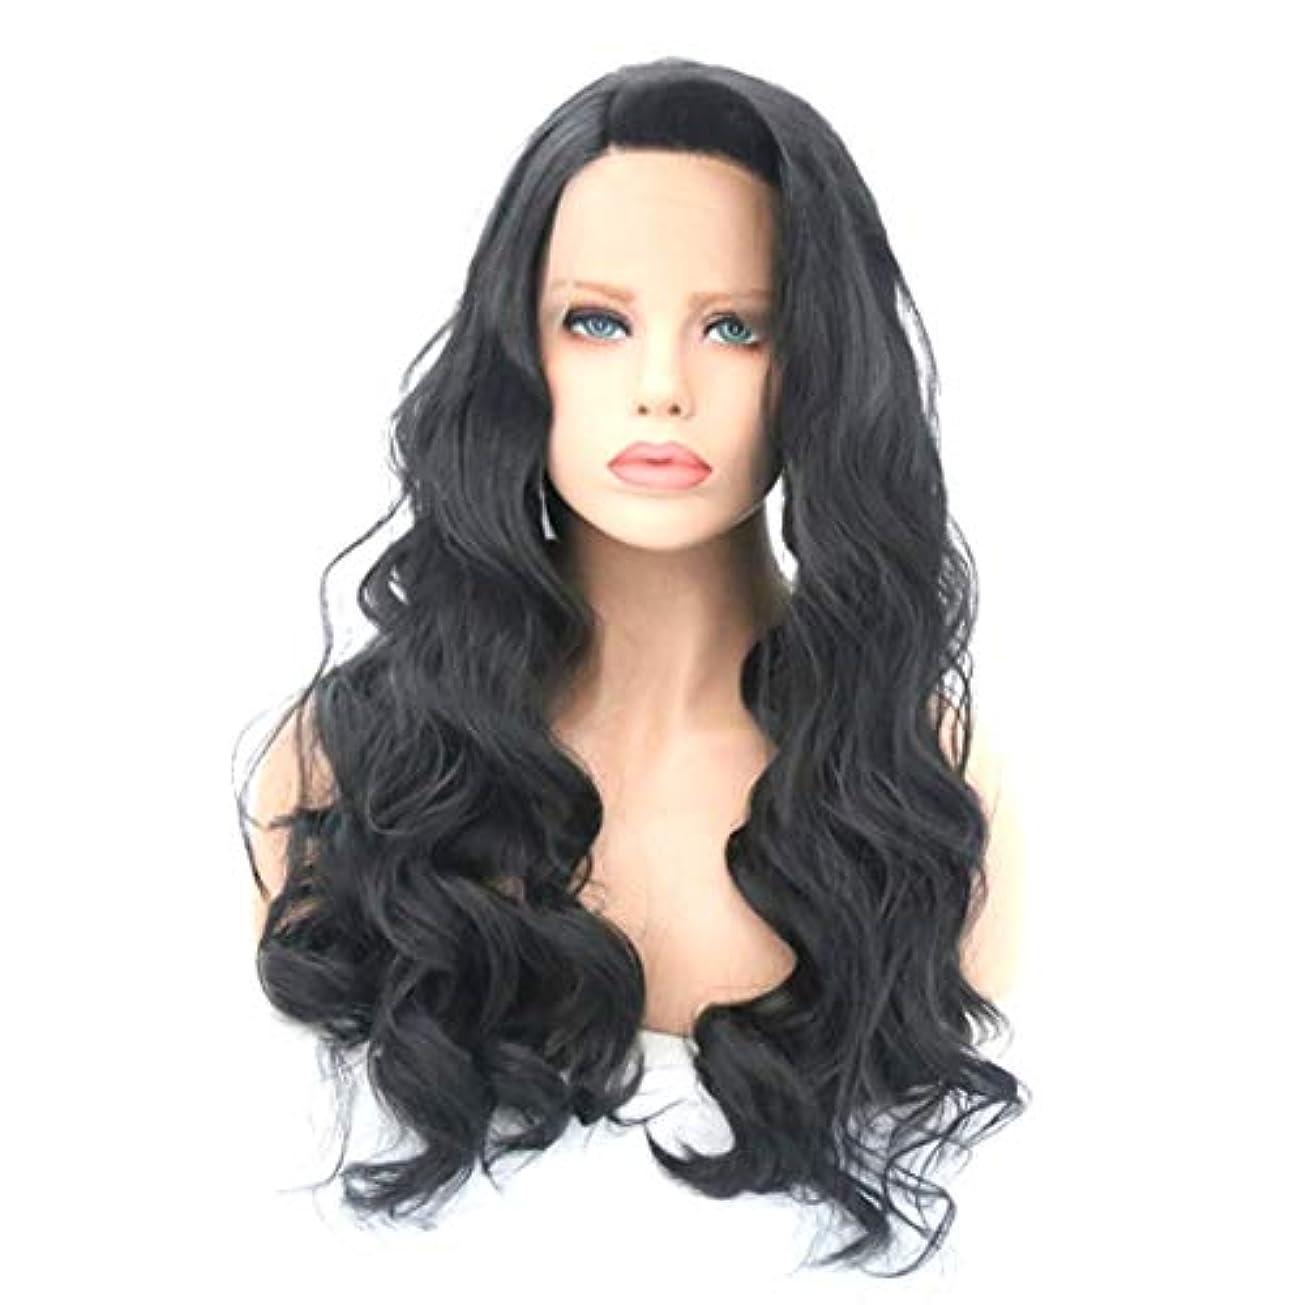 直感プーノ検査Kerwinner かつら女性のための大きな波状の巻き毛の耐熱性長い巻き毛のかつら (Size : 16 inches)